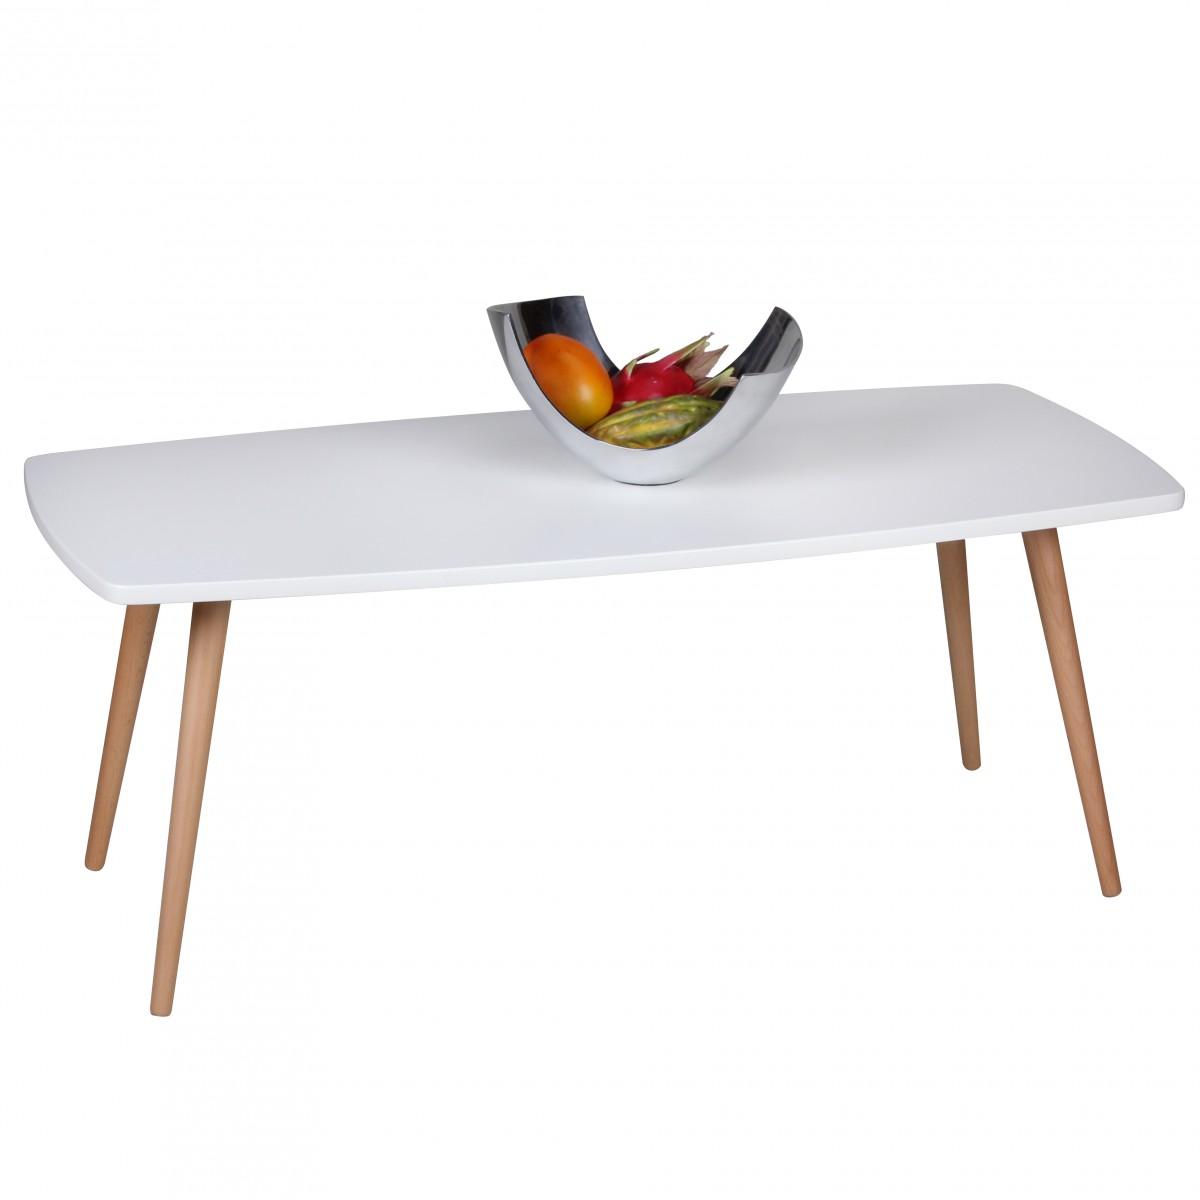 Konferenční stolek Scanio, 110 cm, bílá/buk